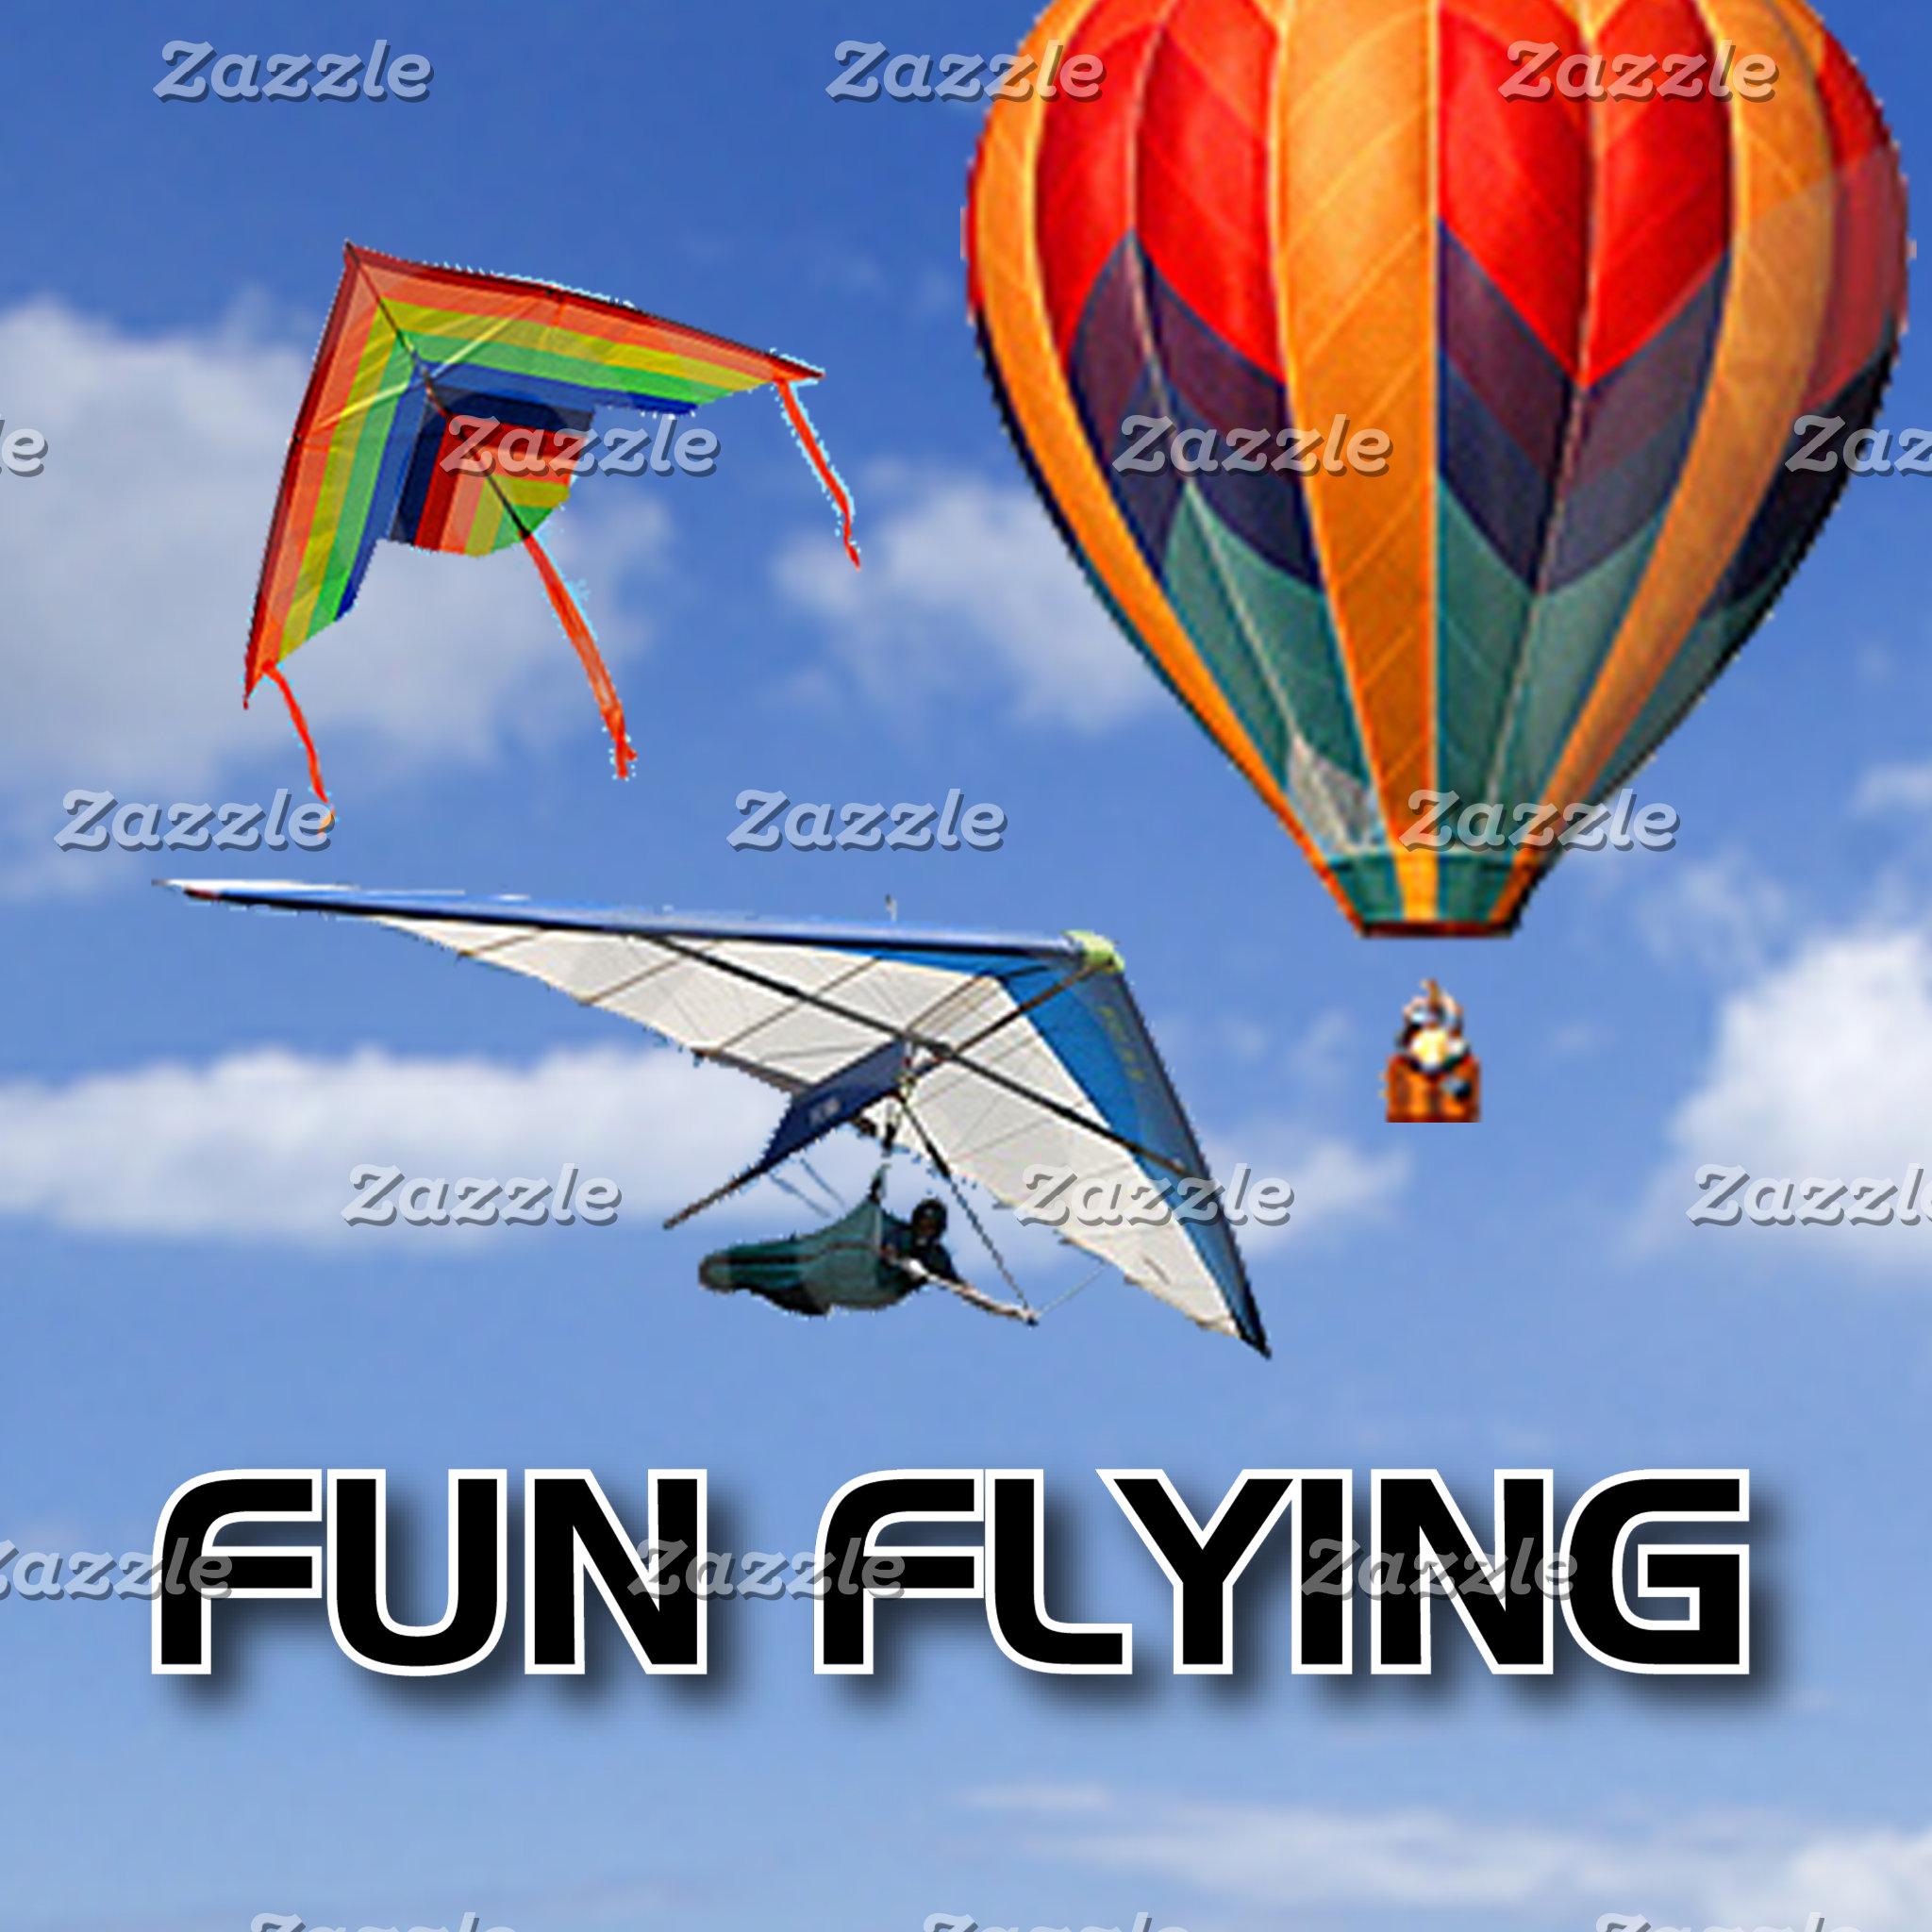 Fun Flying